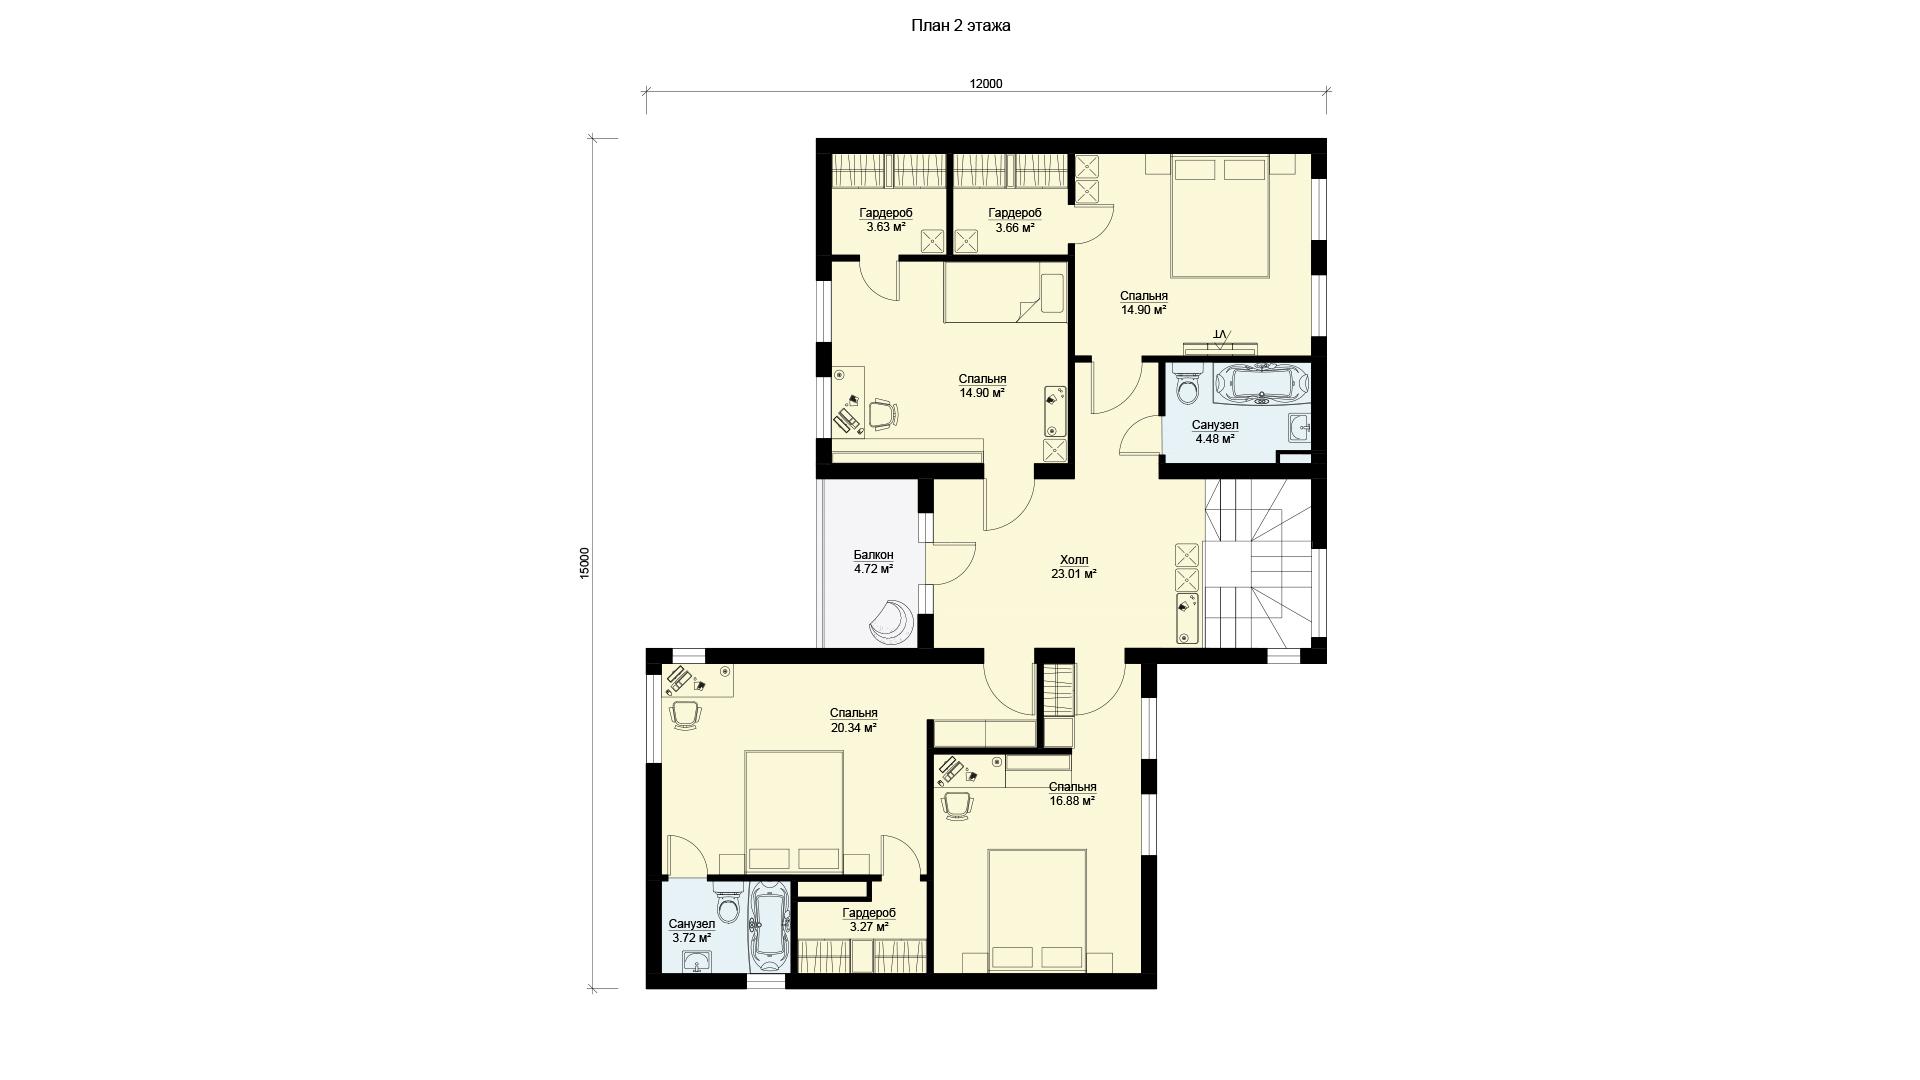 План второго этажа двухэтажного шестикомнатного дома с террасой и балконом, проект БЭНПАН МС-296.